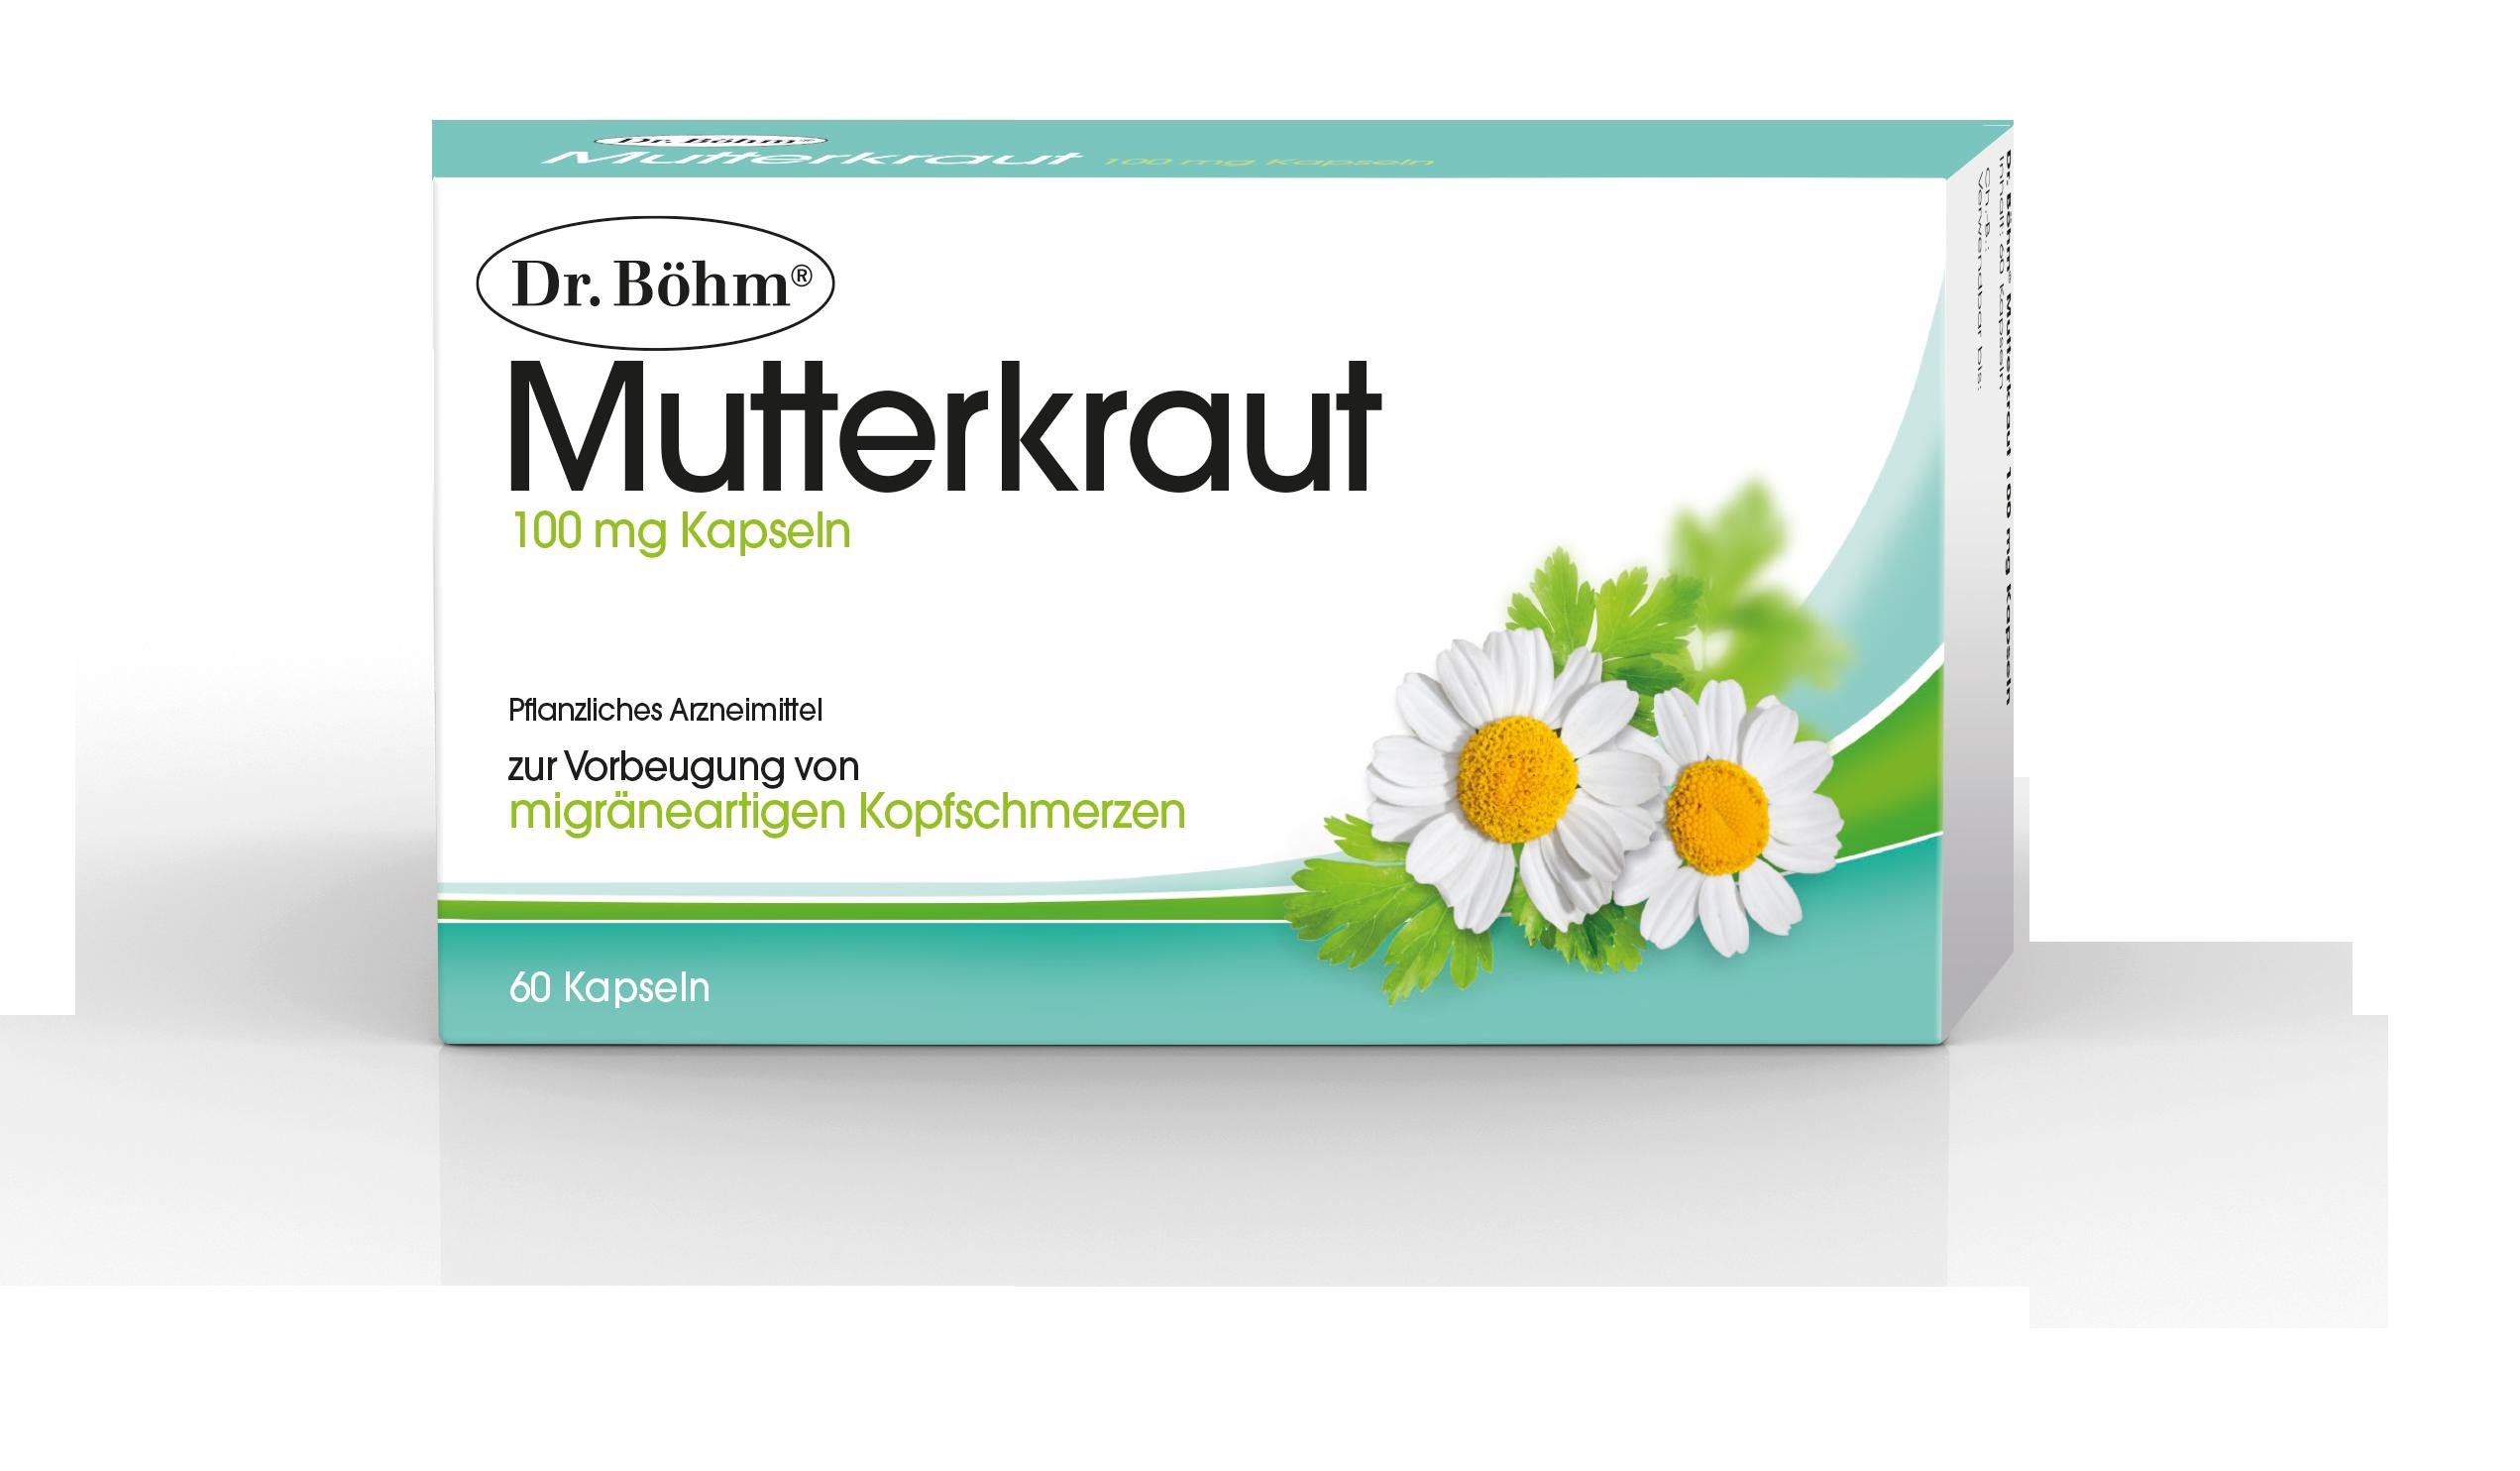 Dr. Böhm® Mutterkraut - migräneartige Kopfschmerzen